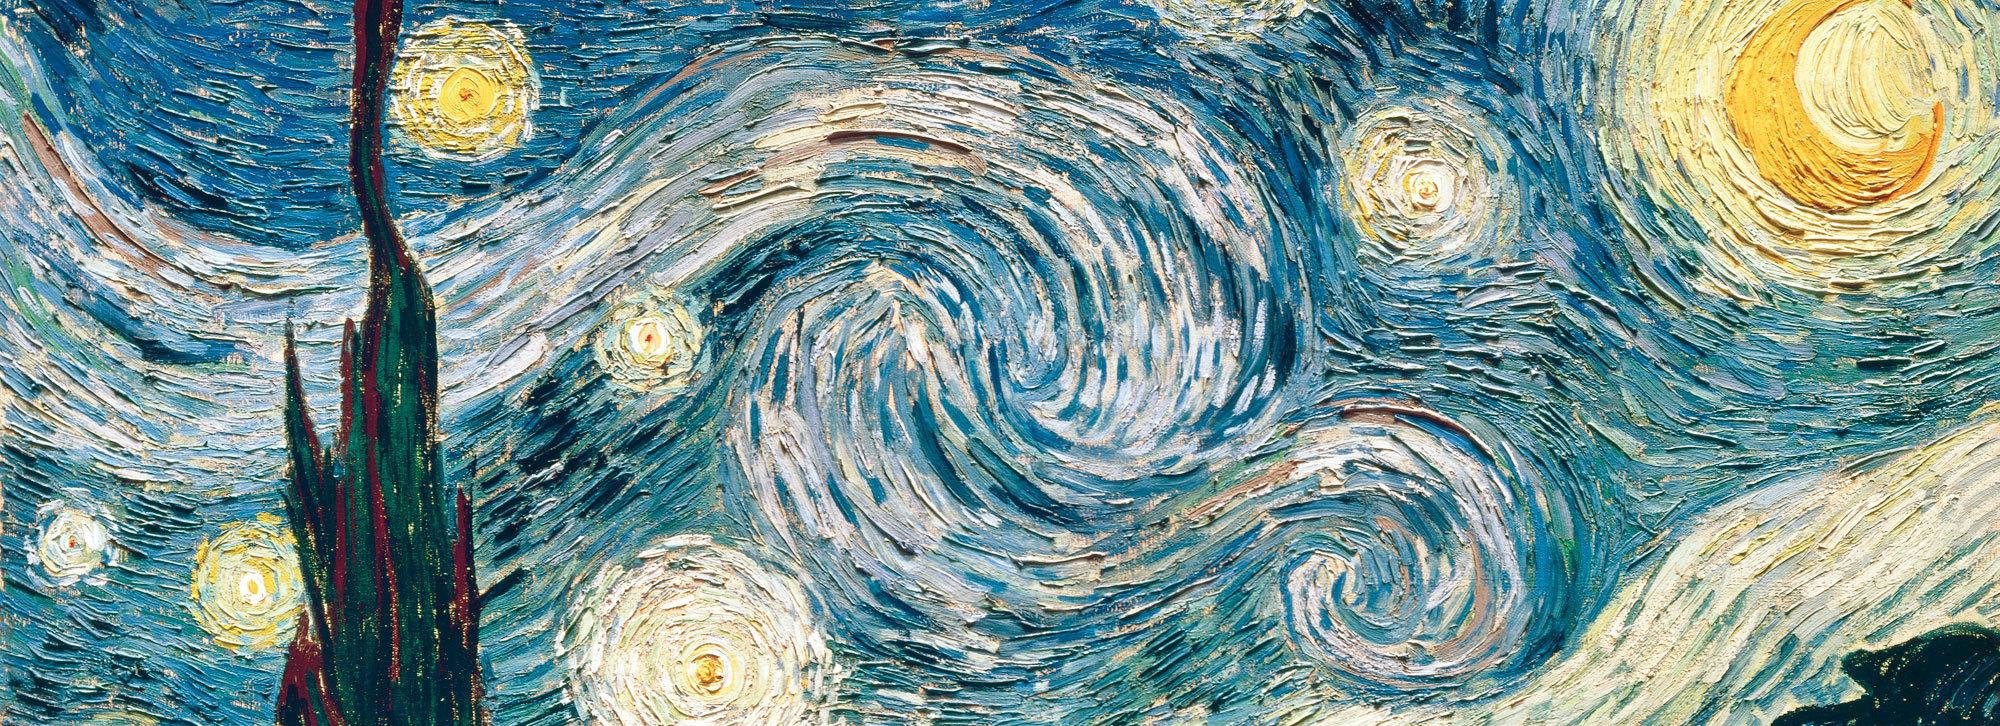 Just Like Van Gogh, Ocean Waves Paint Clouds In The Sky